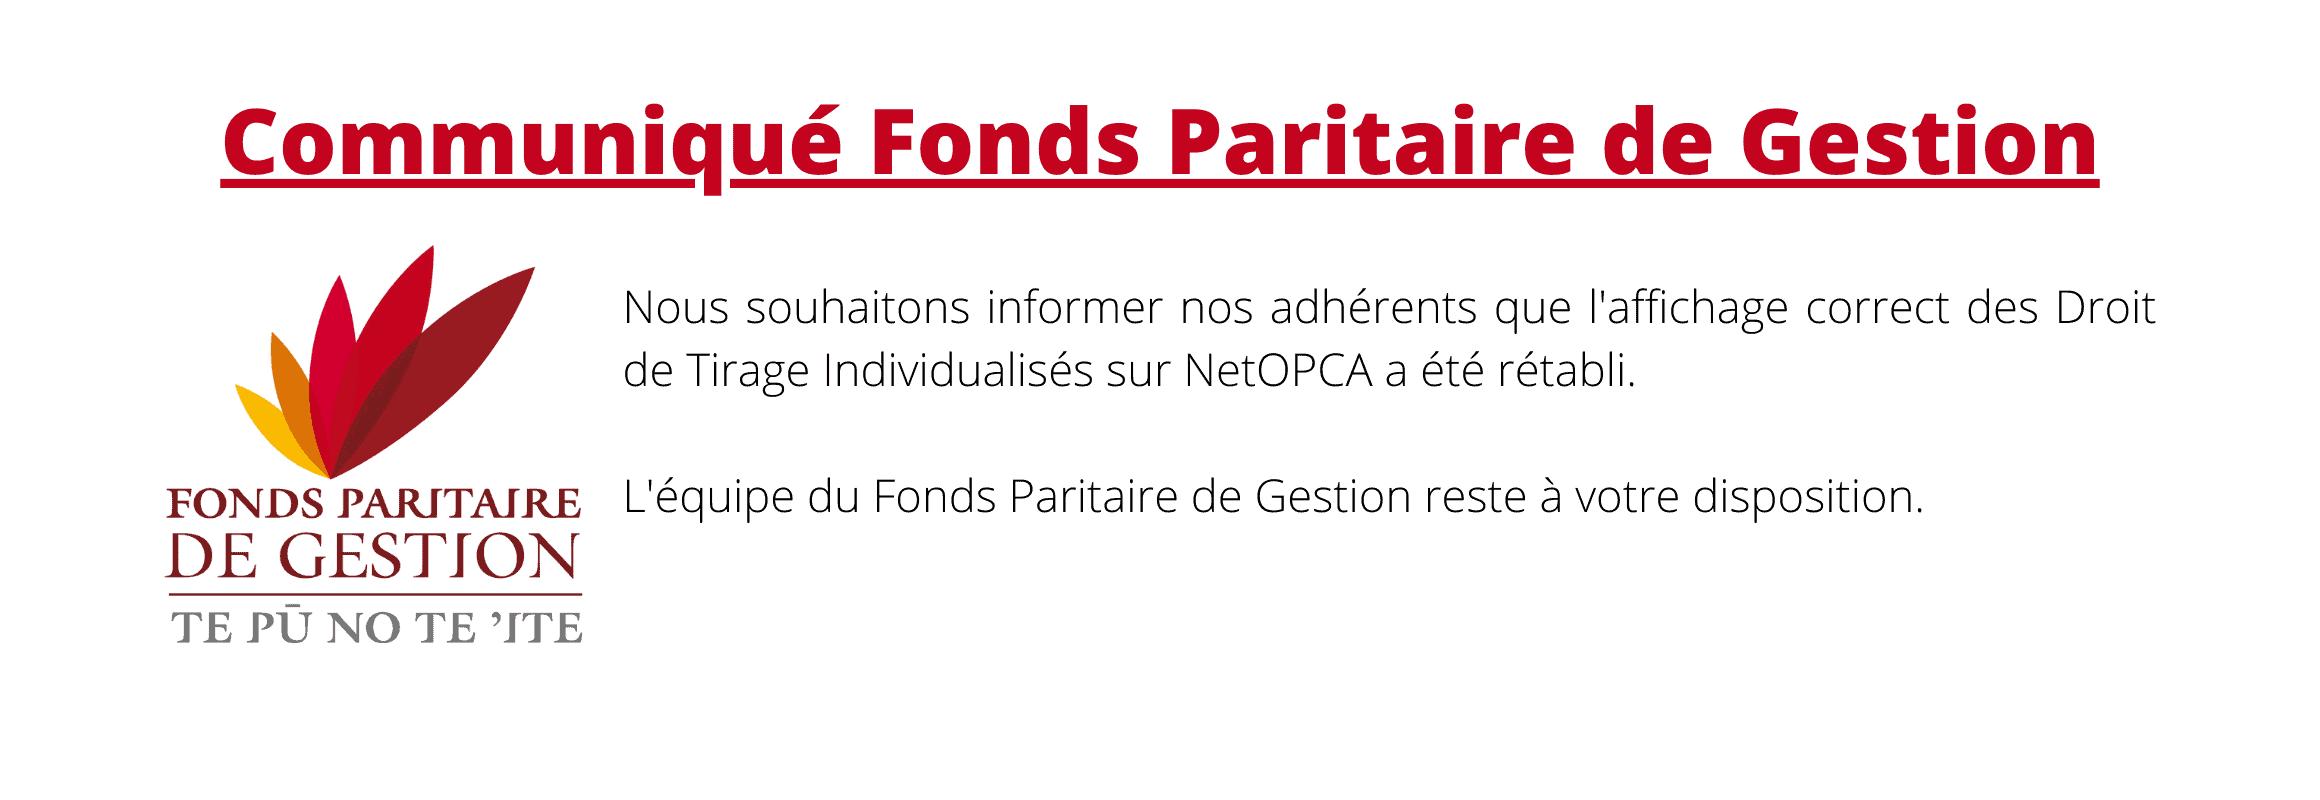 communiqué-fonds-paritaire-de-gestion-affichage-dti-erroné-netopca-retabli